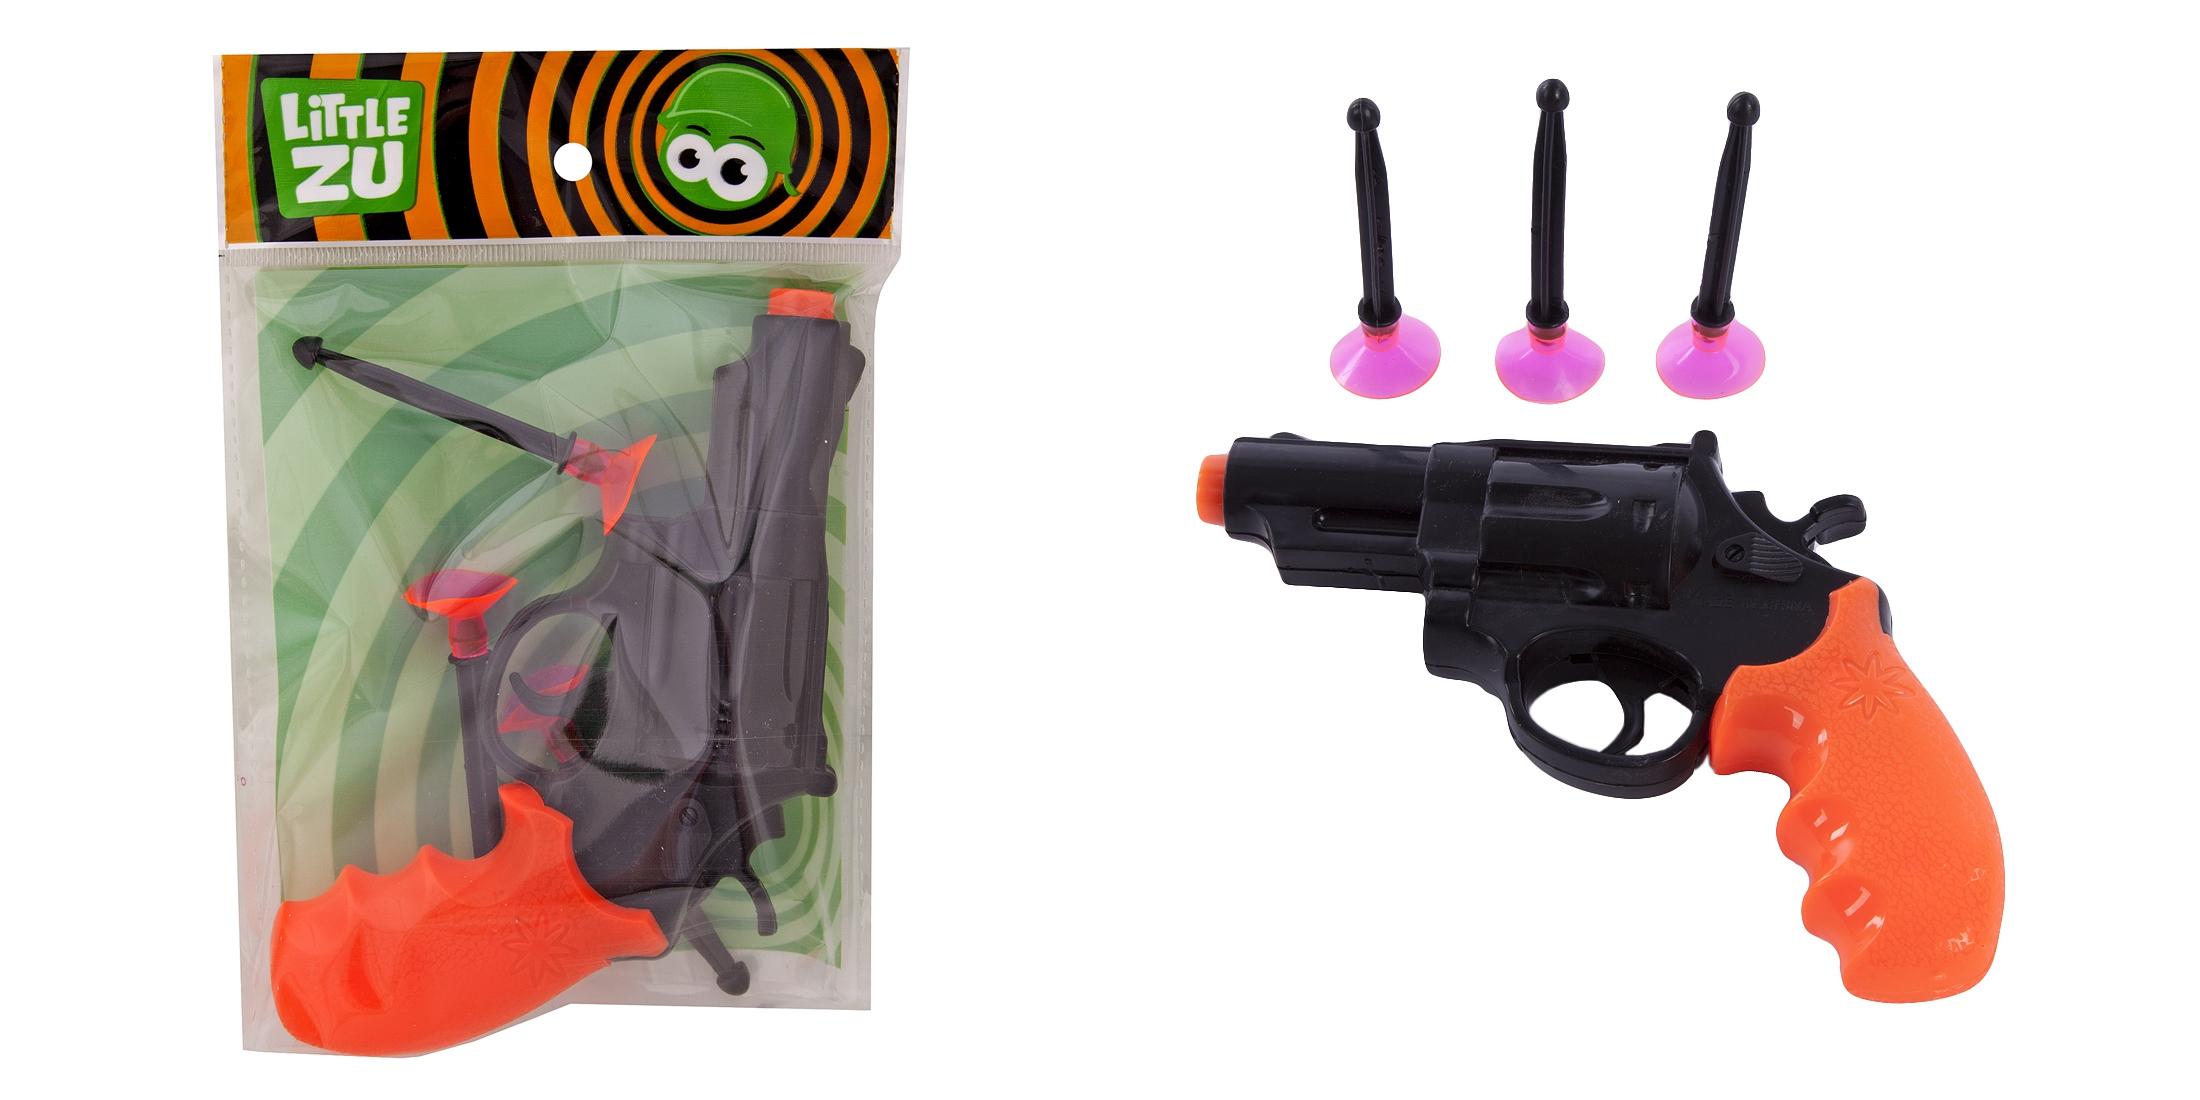 Игровые наборы Профессия Little Zu Оружие с присосками, Наборы Полицейского, Наборы Военного klein набор полицейского с пистолетом klien